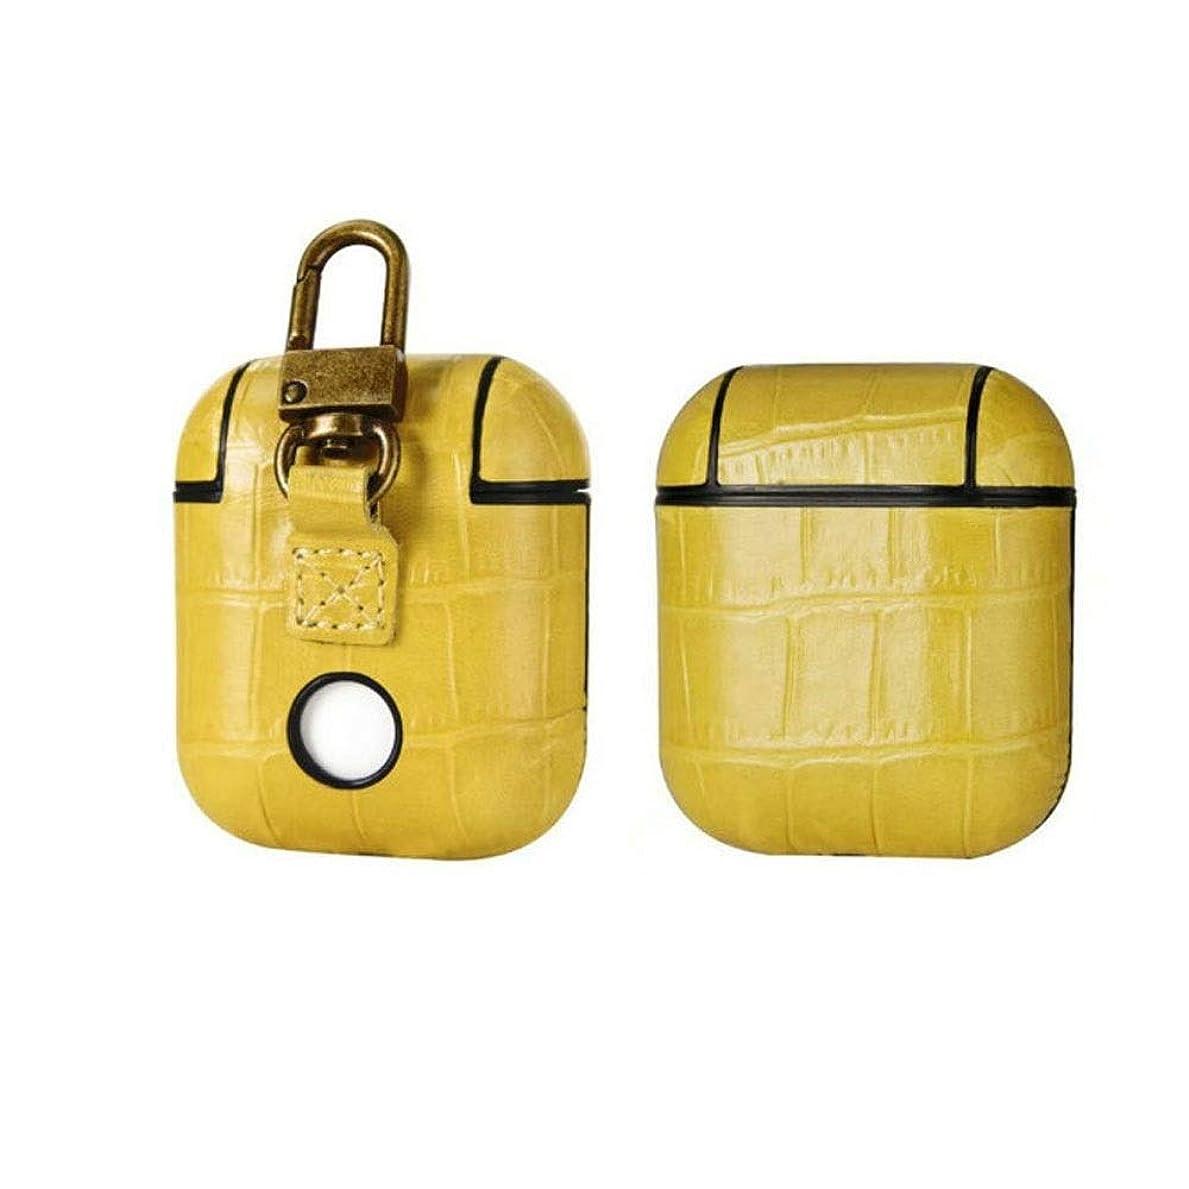 湿地贈り物寄託SHENGSHIHUIZHONG Airpodsケース、ビジネスワイヤレスBluetoothヘッドセット、リアルレザートップレイヤーワニ革イヤホンアンチロストアンチドロップ収納ボックス 最高の贈り物 ヘッドフォン愛好家のための最良の選択 (Color : Yellow)